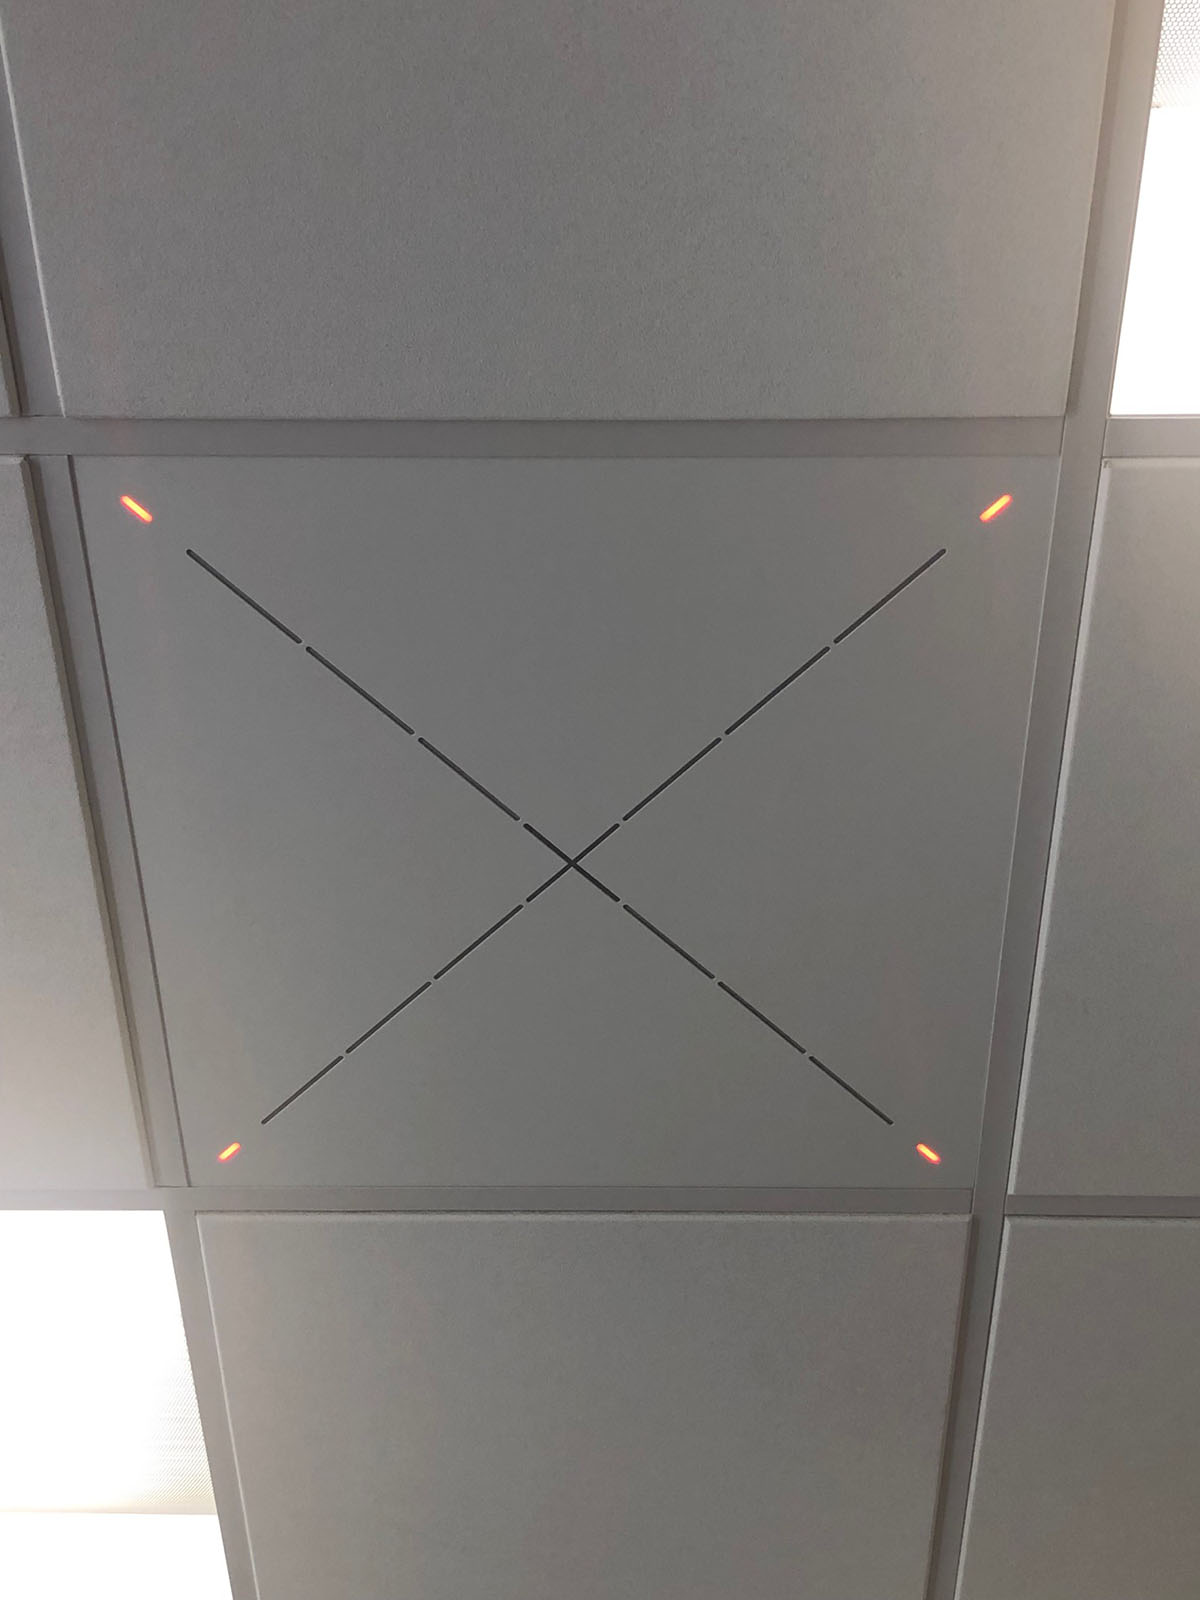 Одна из новых микрофонных конференц-систем TeamConnect Ceiling университета: монтируется быстро и просто, и после установки практически не отличается от плиток обычного подвесного потолка (фото предоставлено Университетом Св. Иоанна).